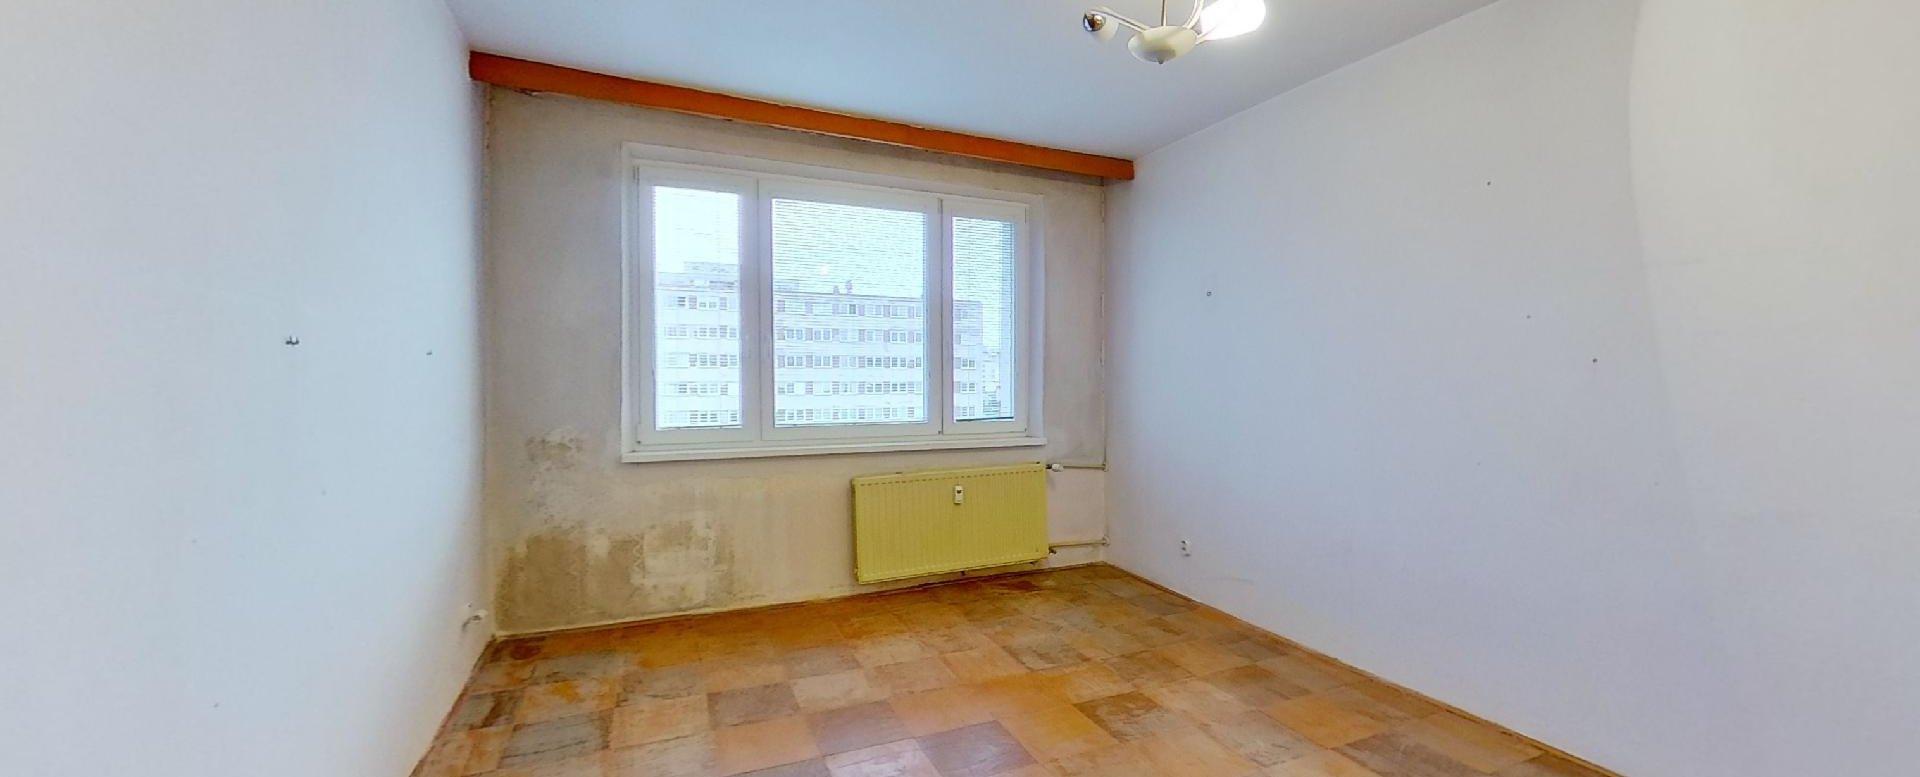 Izba v 3-izbovom byte na Pražskej ulici v Košiciach